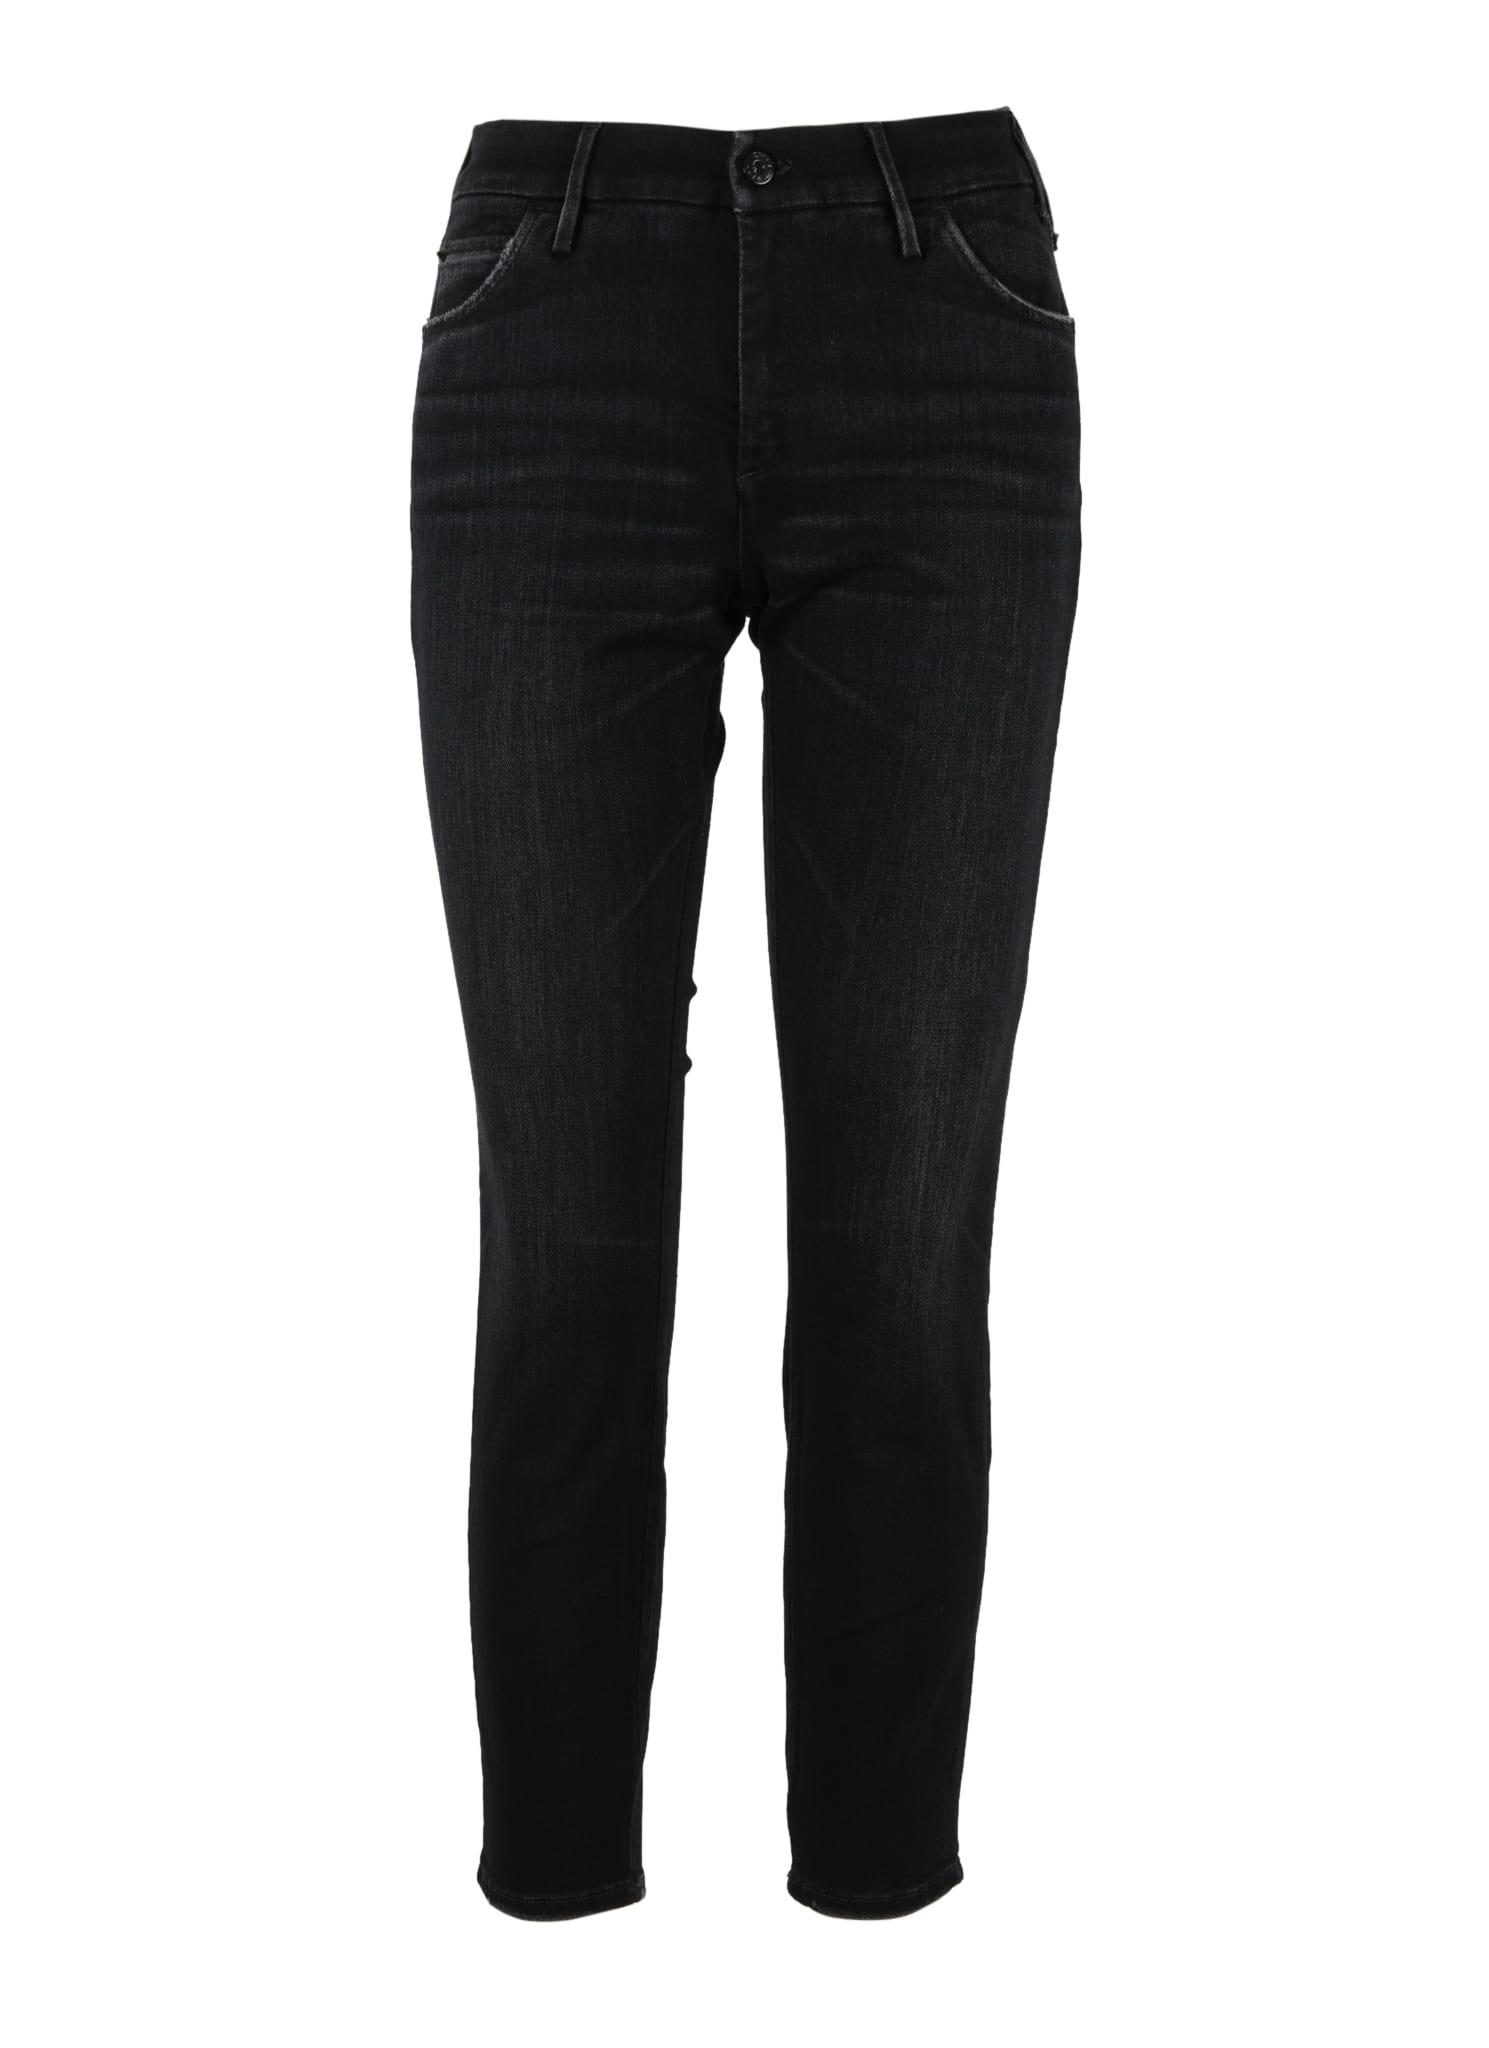 Brigitte Tailor Ankle Jeans